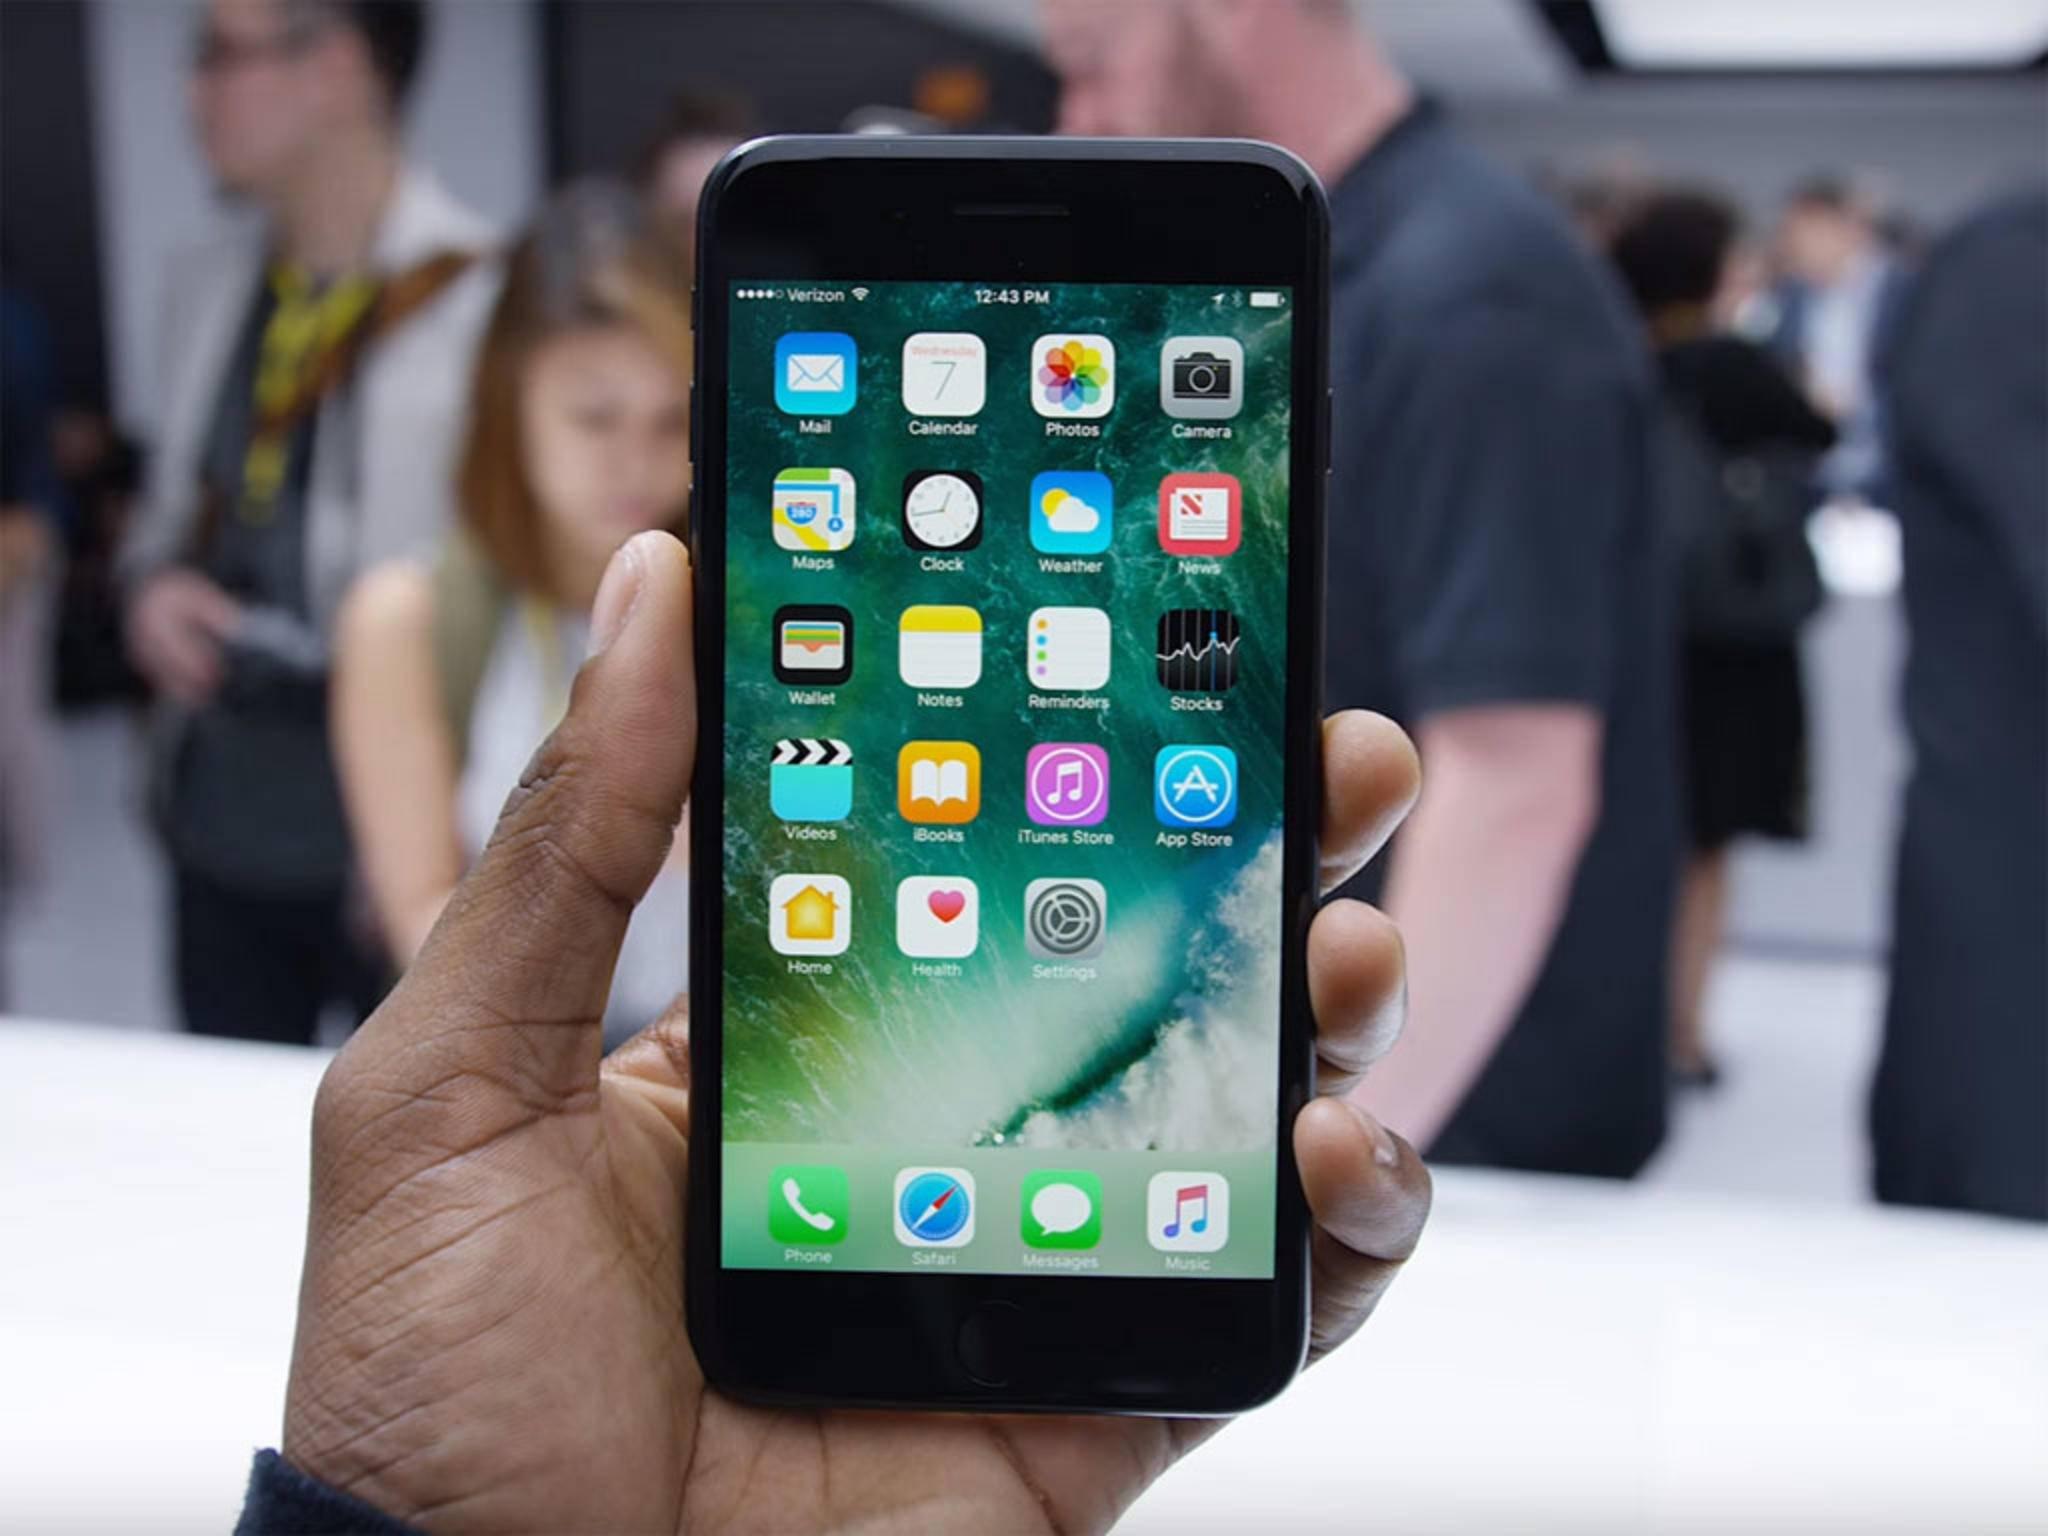 Das iPhone 7 ist anscheinend auch nicht vor Jailbreaks sicher.